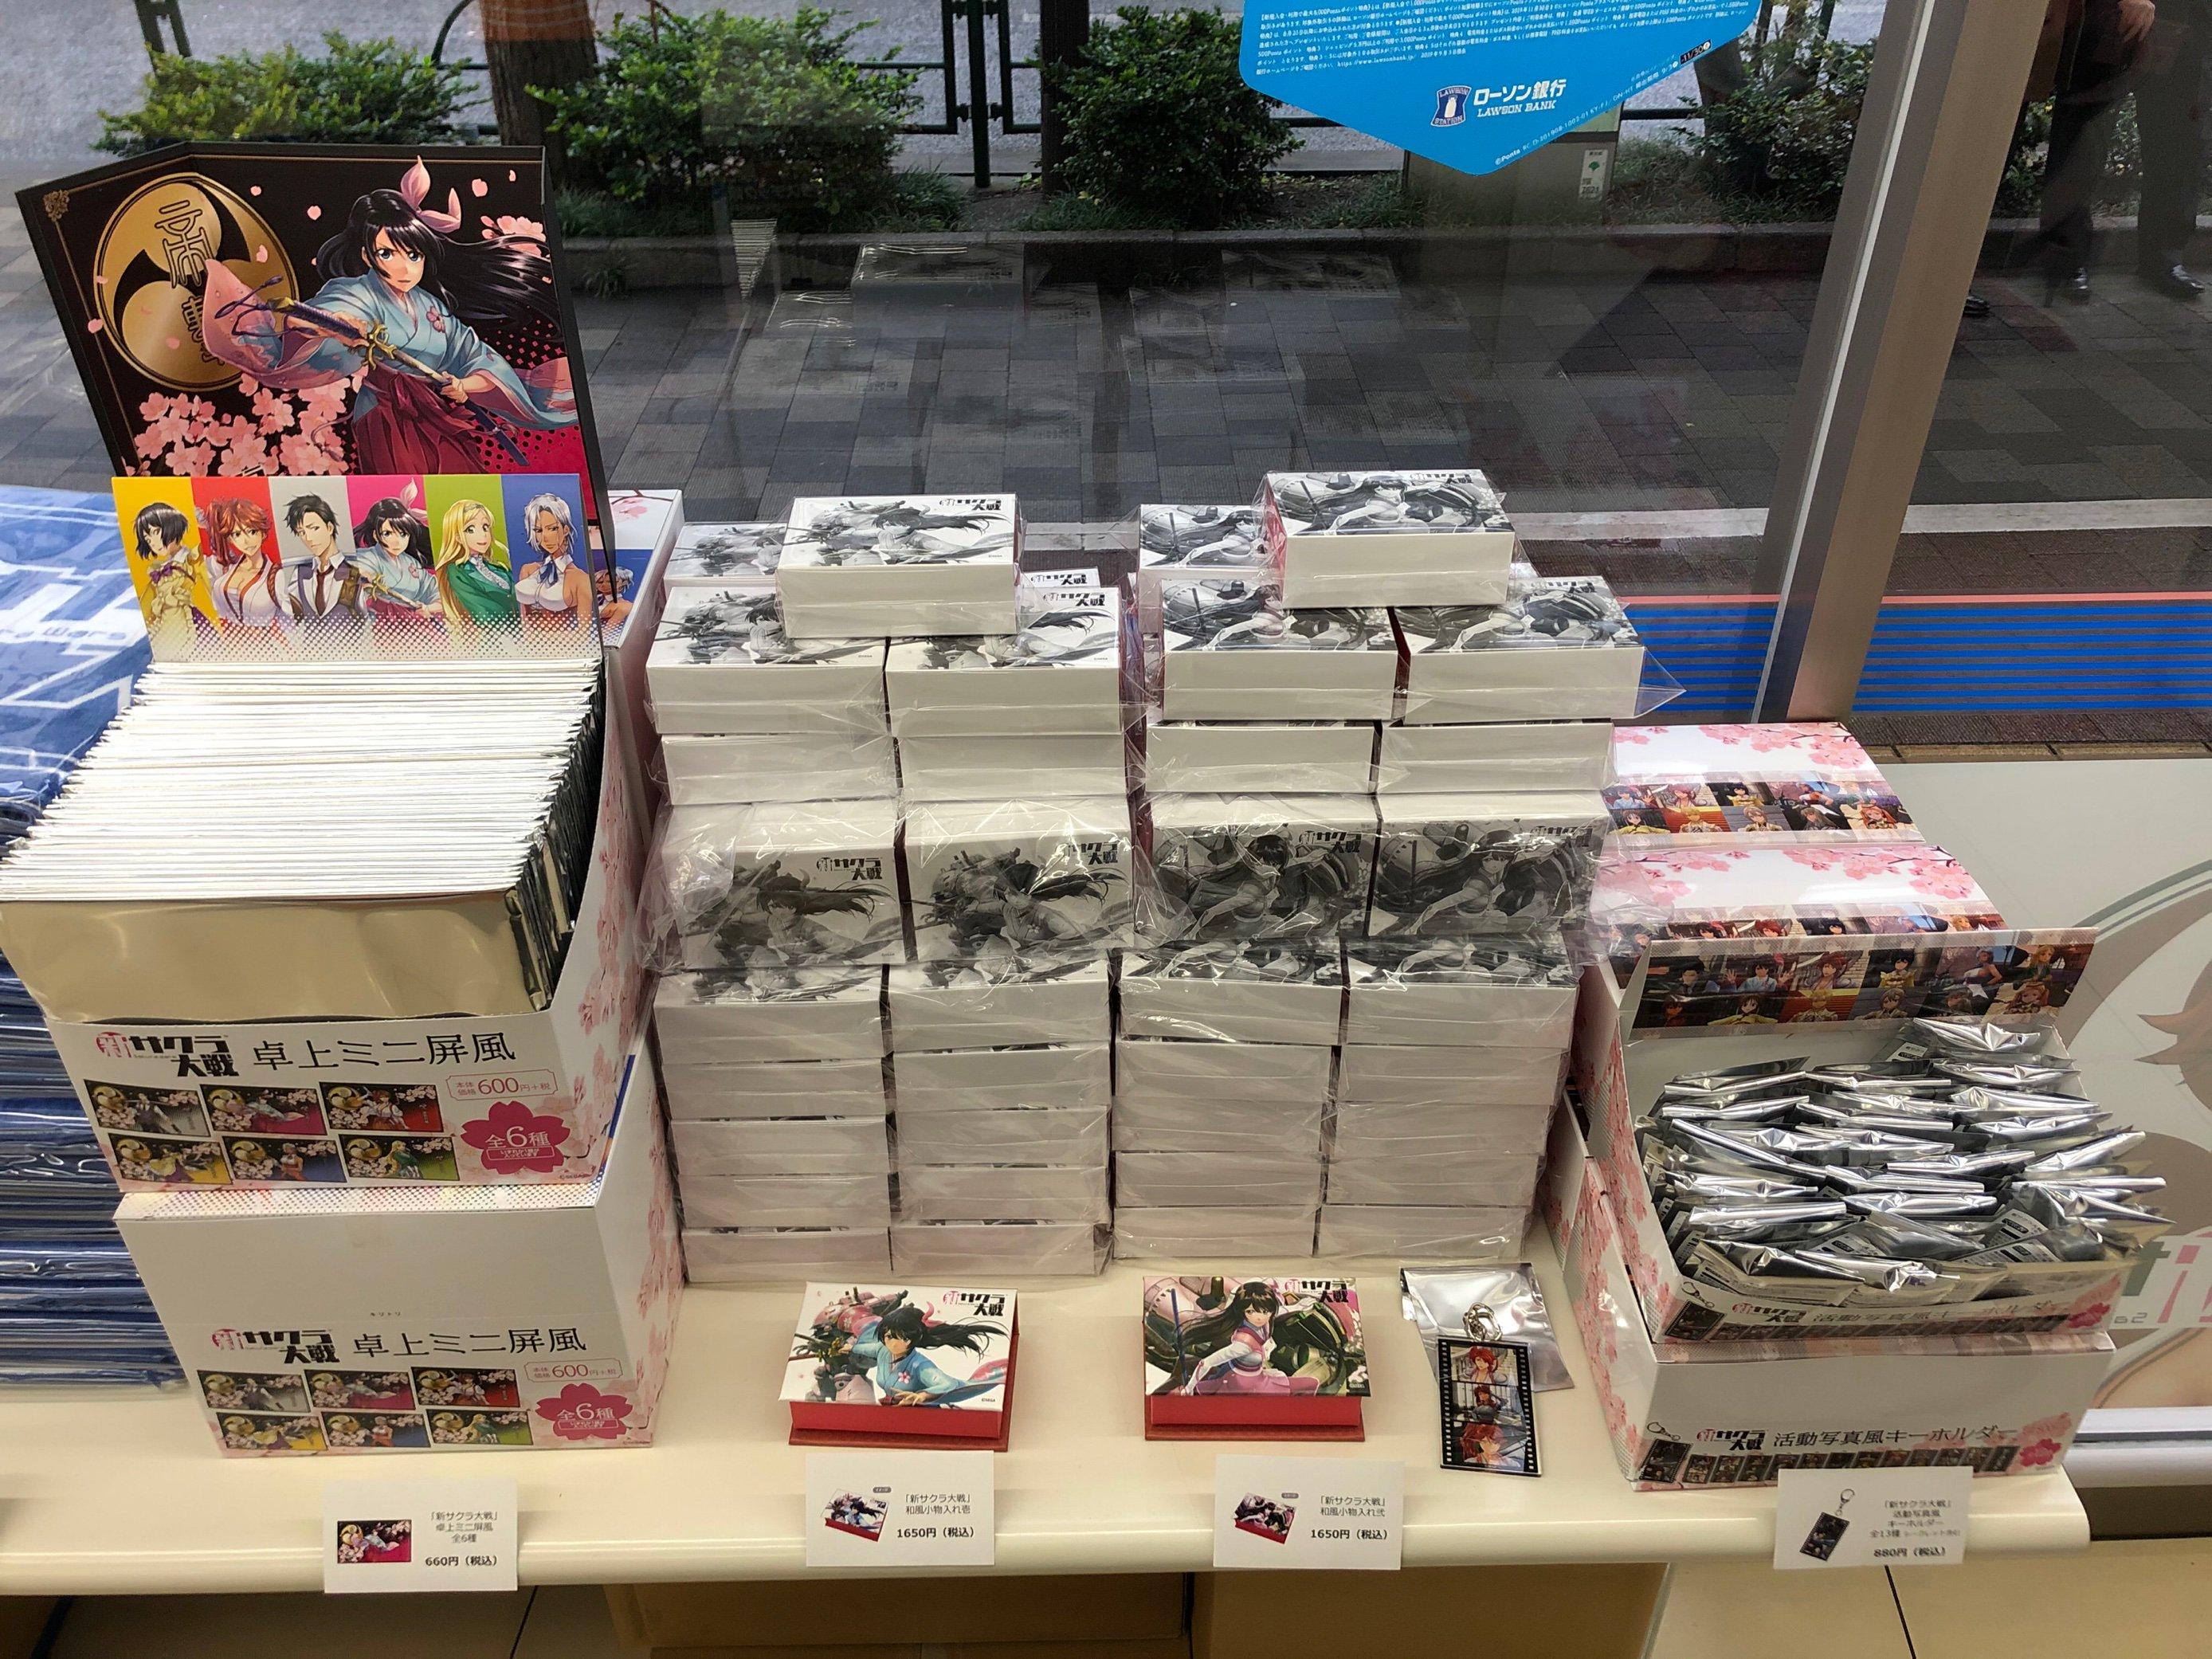 《新樱花大战》公开新截图 日本罗森店售卖相关周边